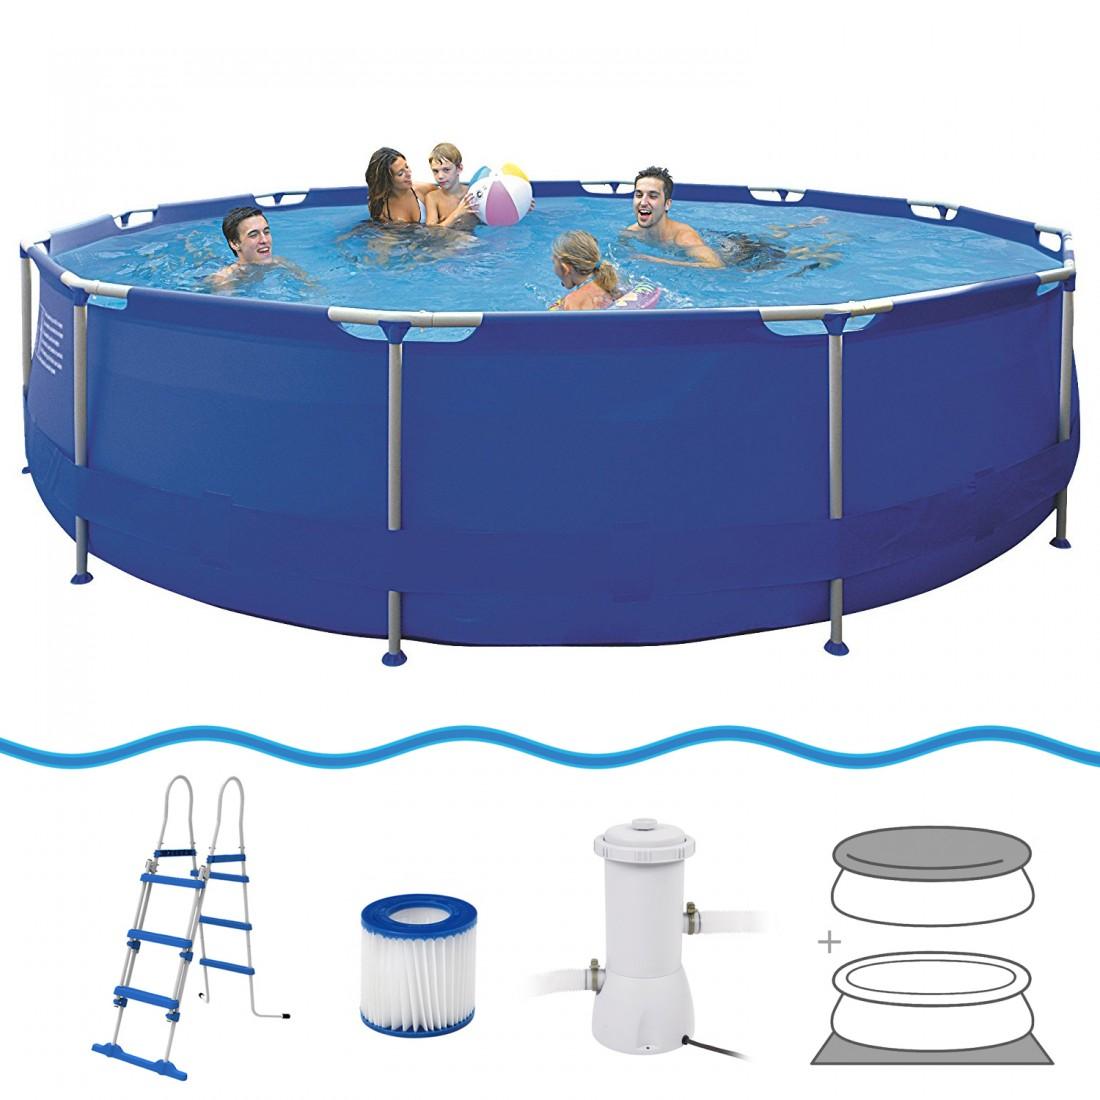 Achetez jilong sirocco blue 450 set piscine cadre en for Accessoire piscine jilong